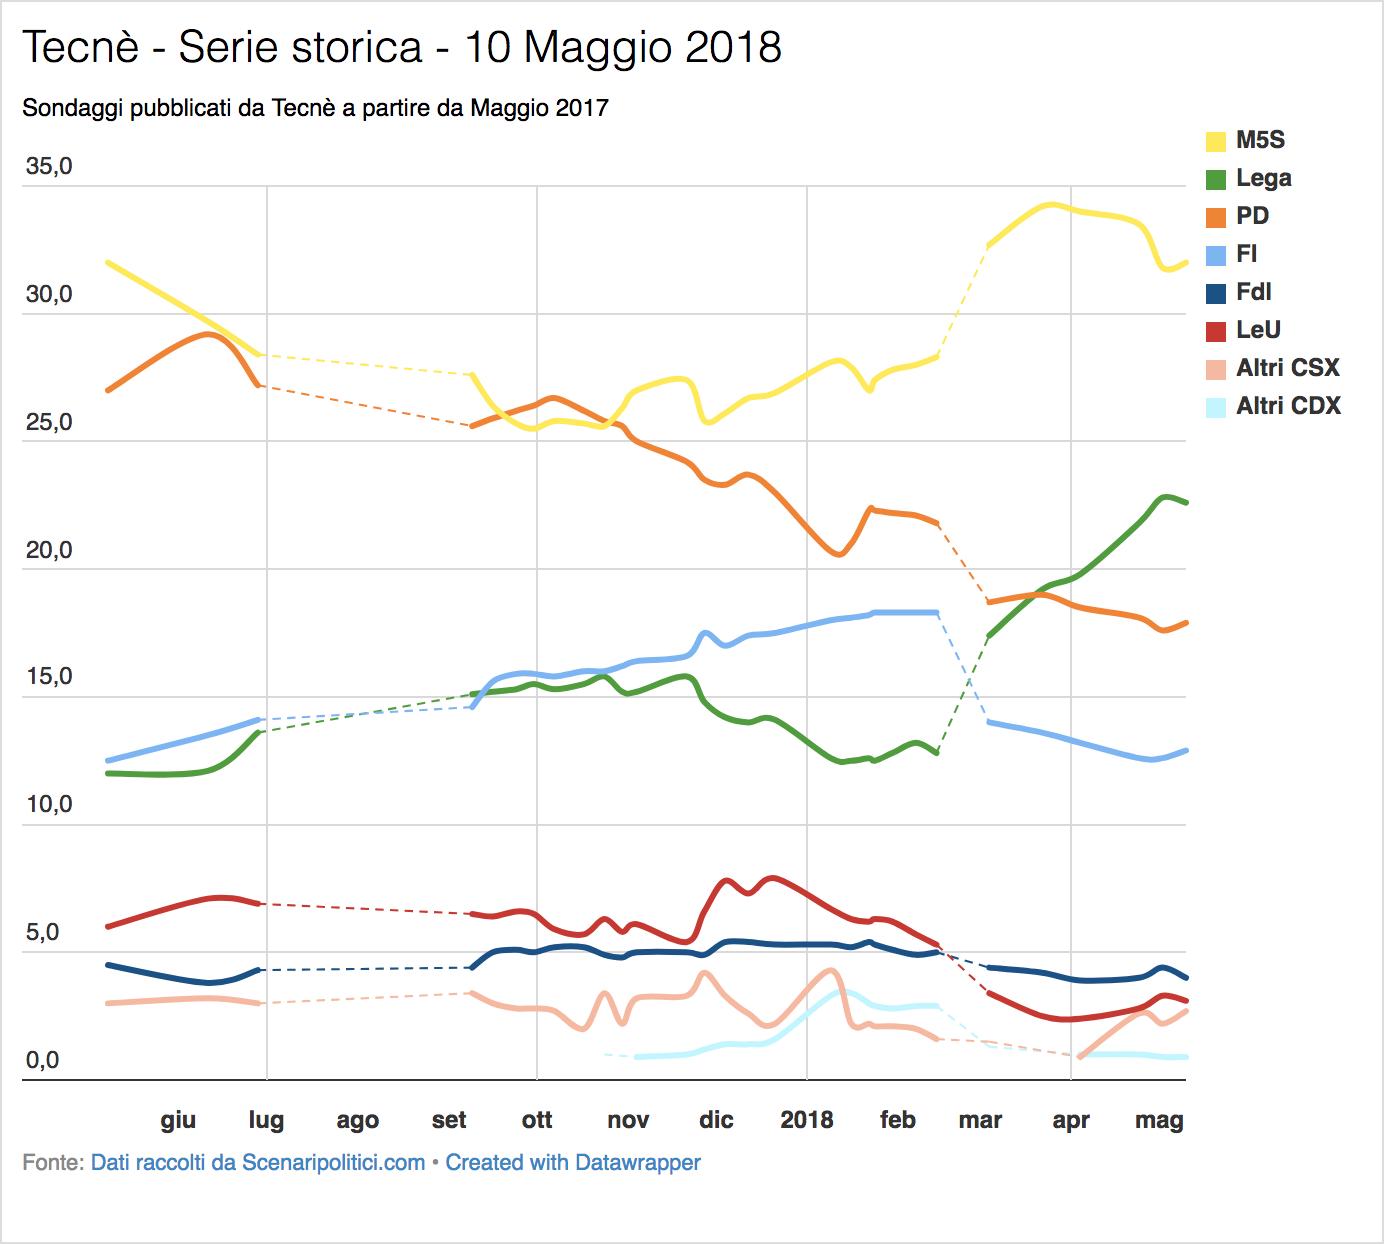 Sondaggio Tecnè (10 Maggio 2018)